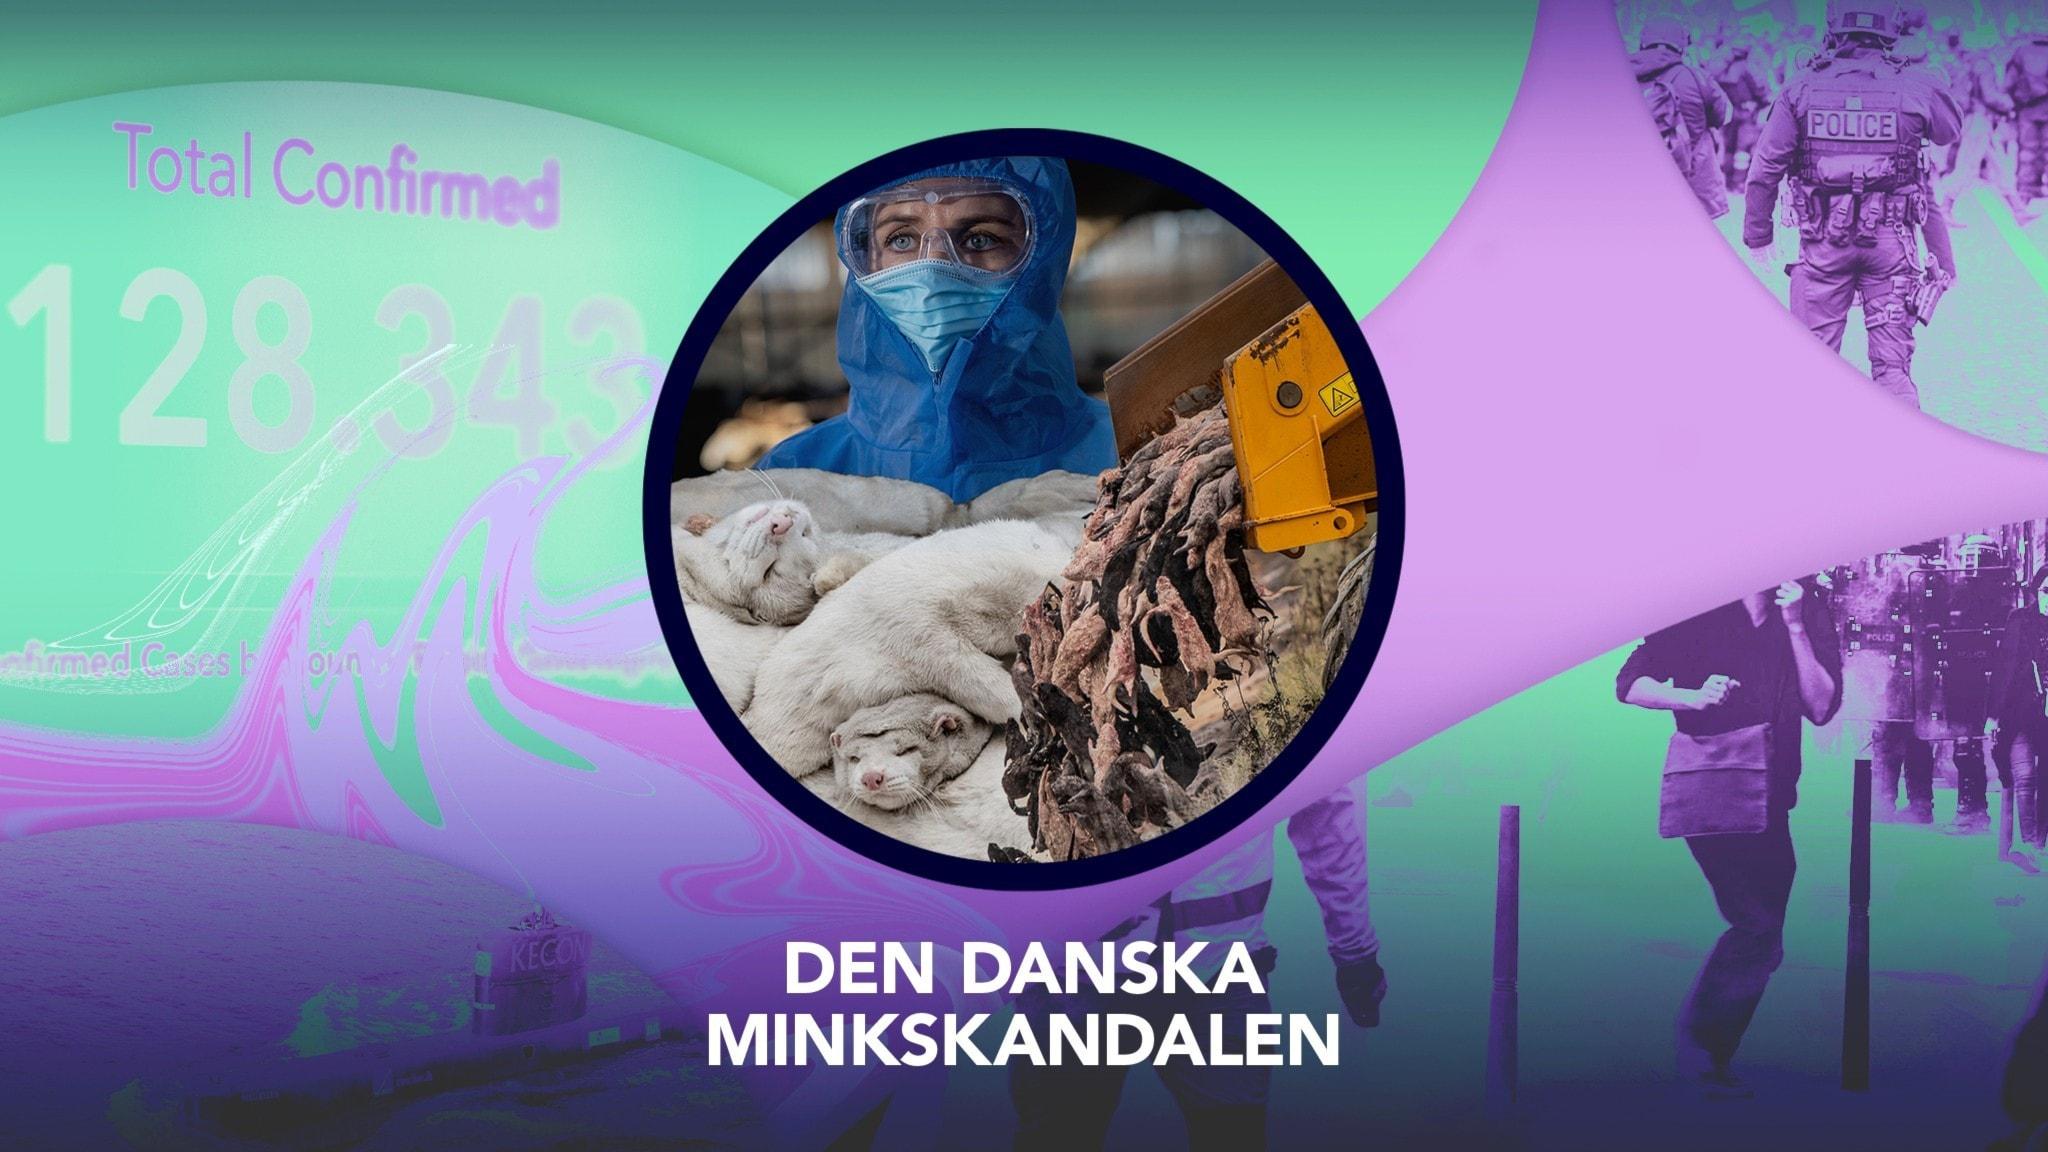 Omslagsbild P3 Nyheter Dokumentär, Mette Frederiksen i skyddskläder, döda minkar.